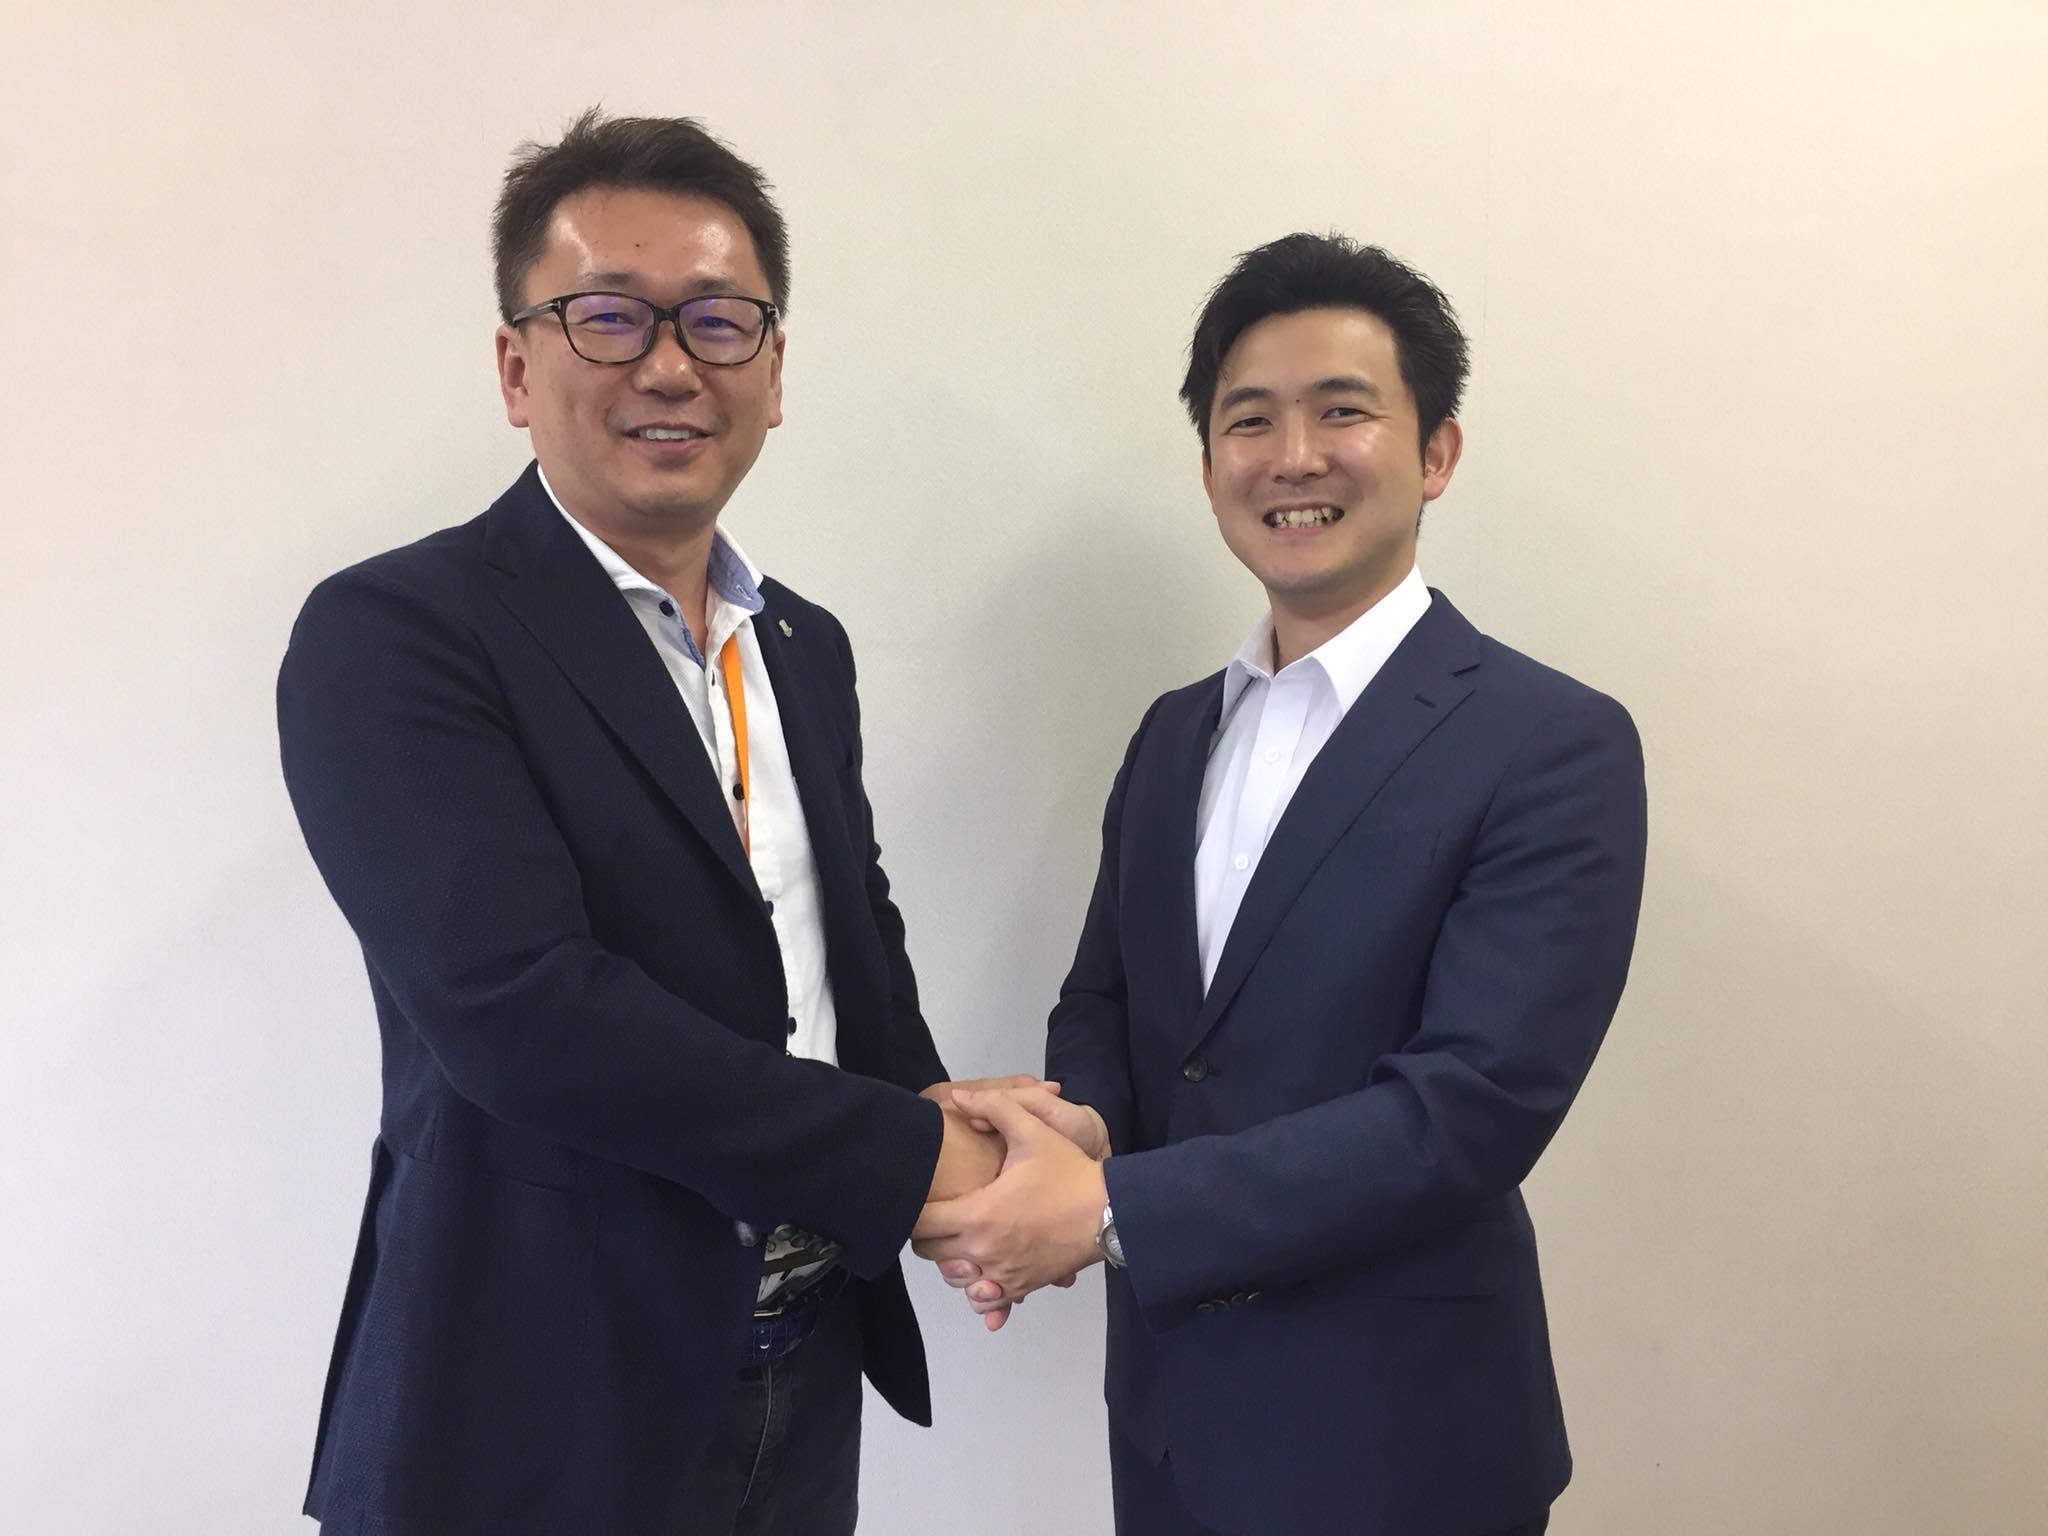 国立長寿医療研究センターの島田裕之先生